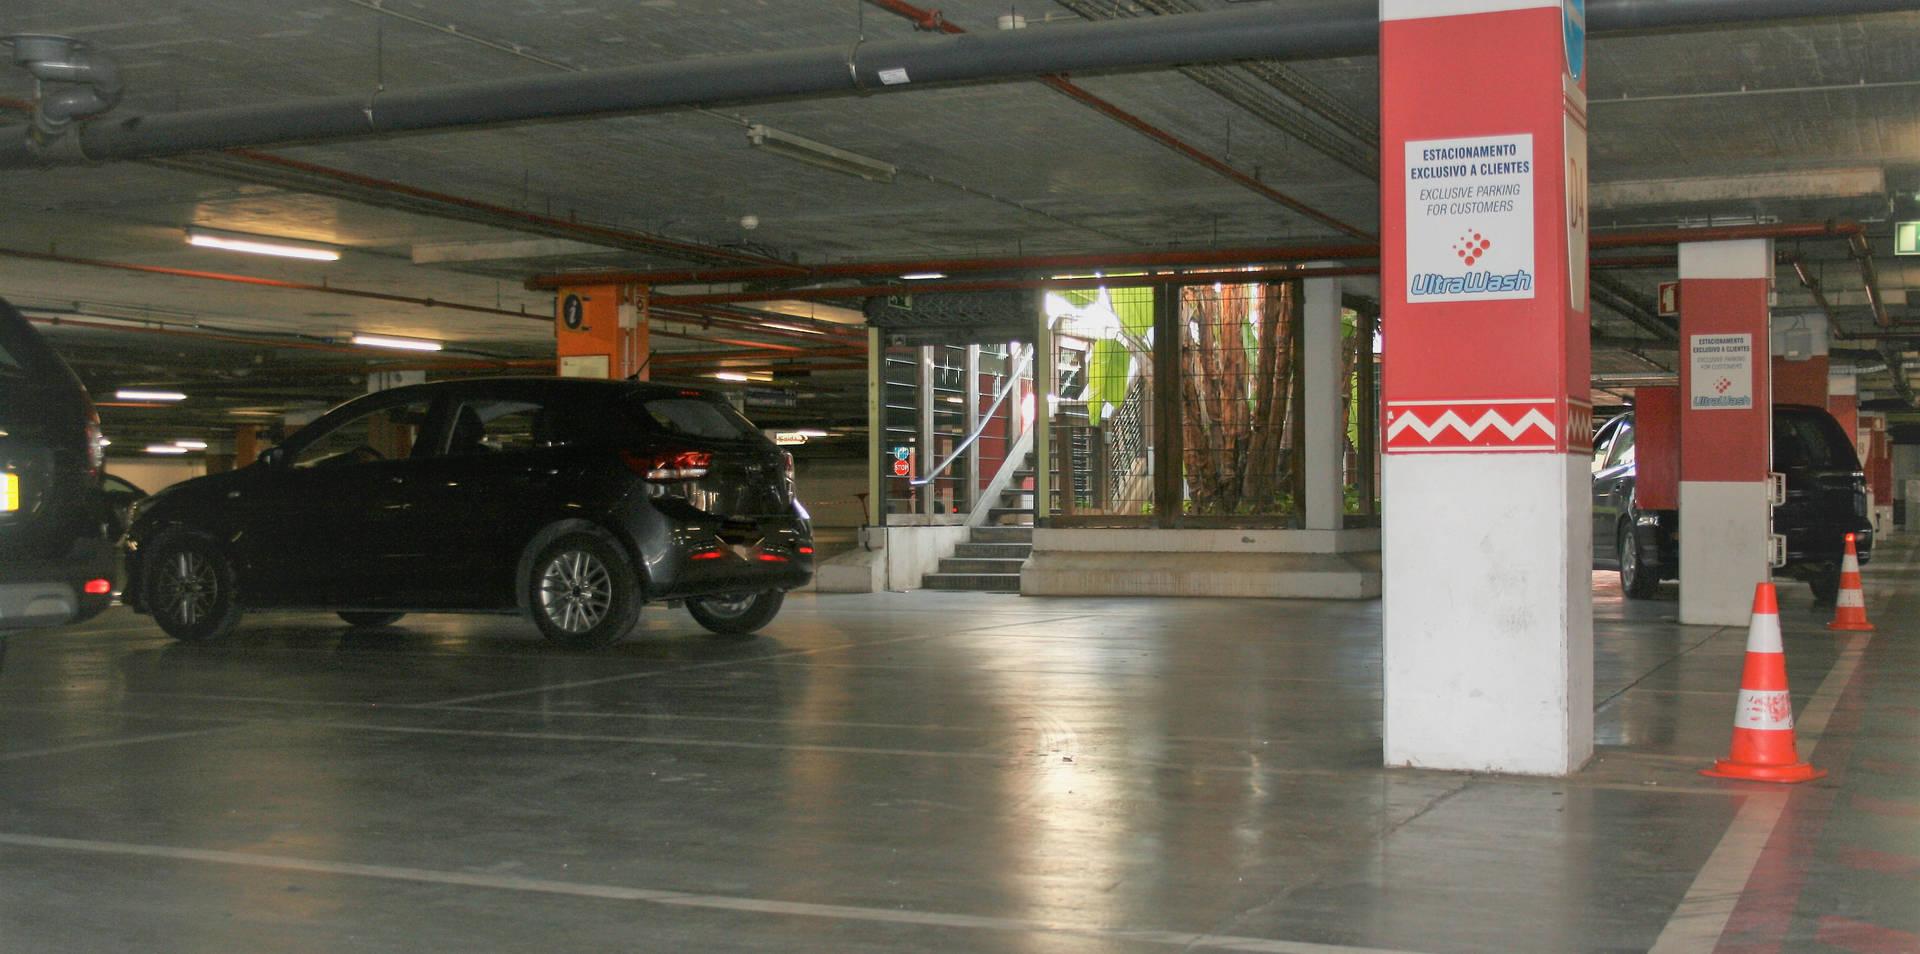 Estacionamento Exclusivo